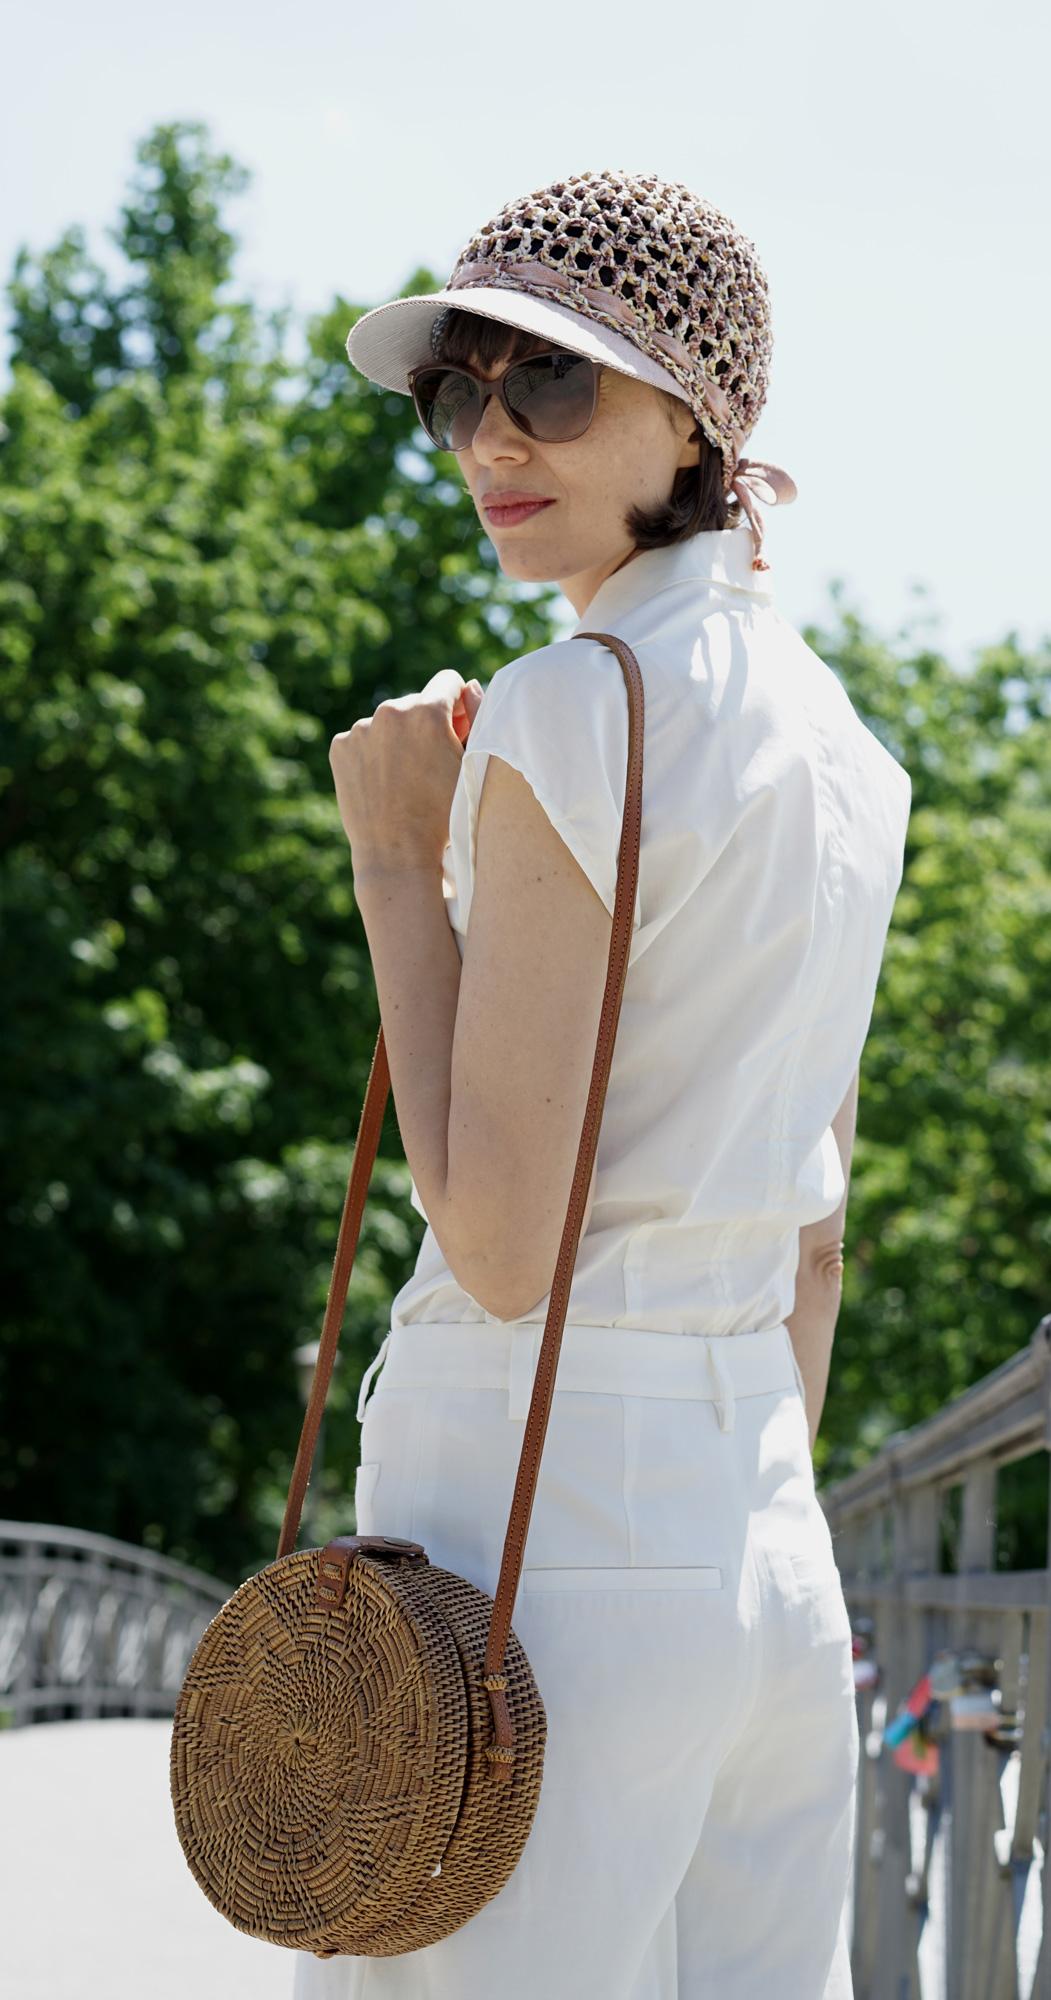 Peter. Schirmkappe aus Baumwollgarn. Kappe bietet Sonnenschutz und ist trotzdem luftig.